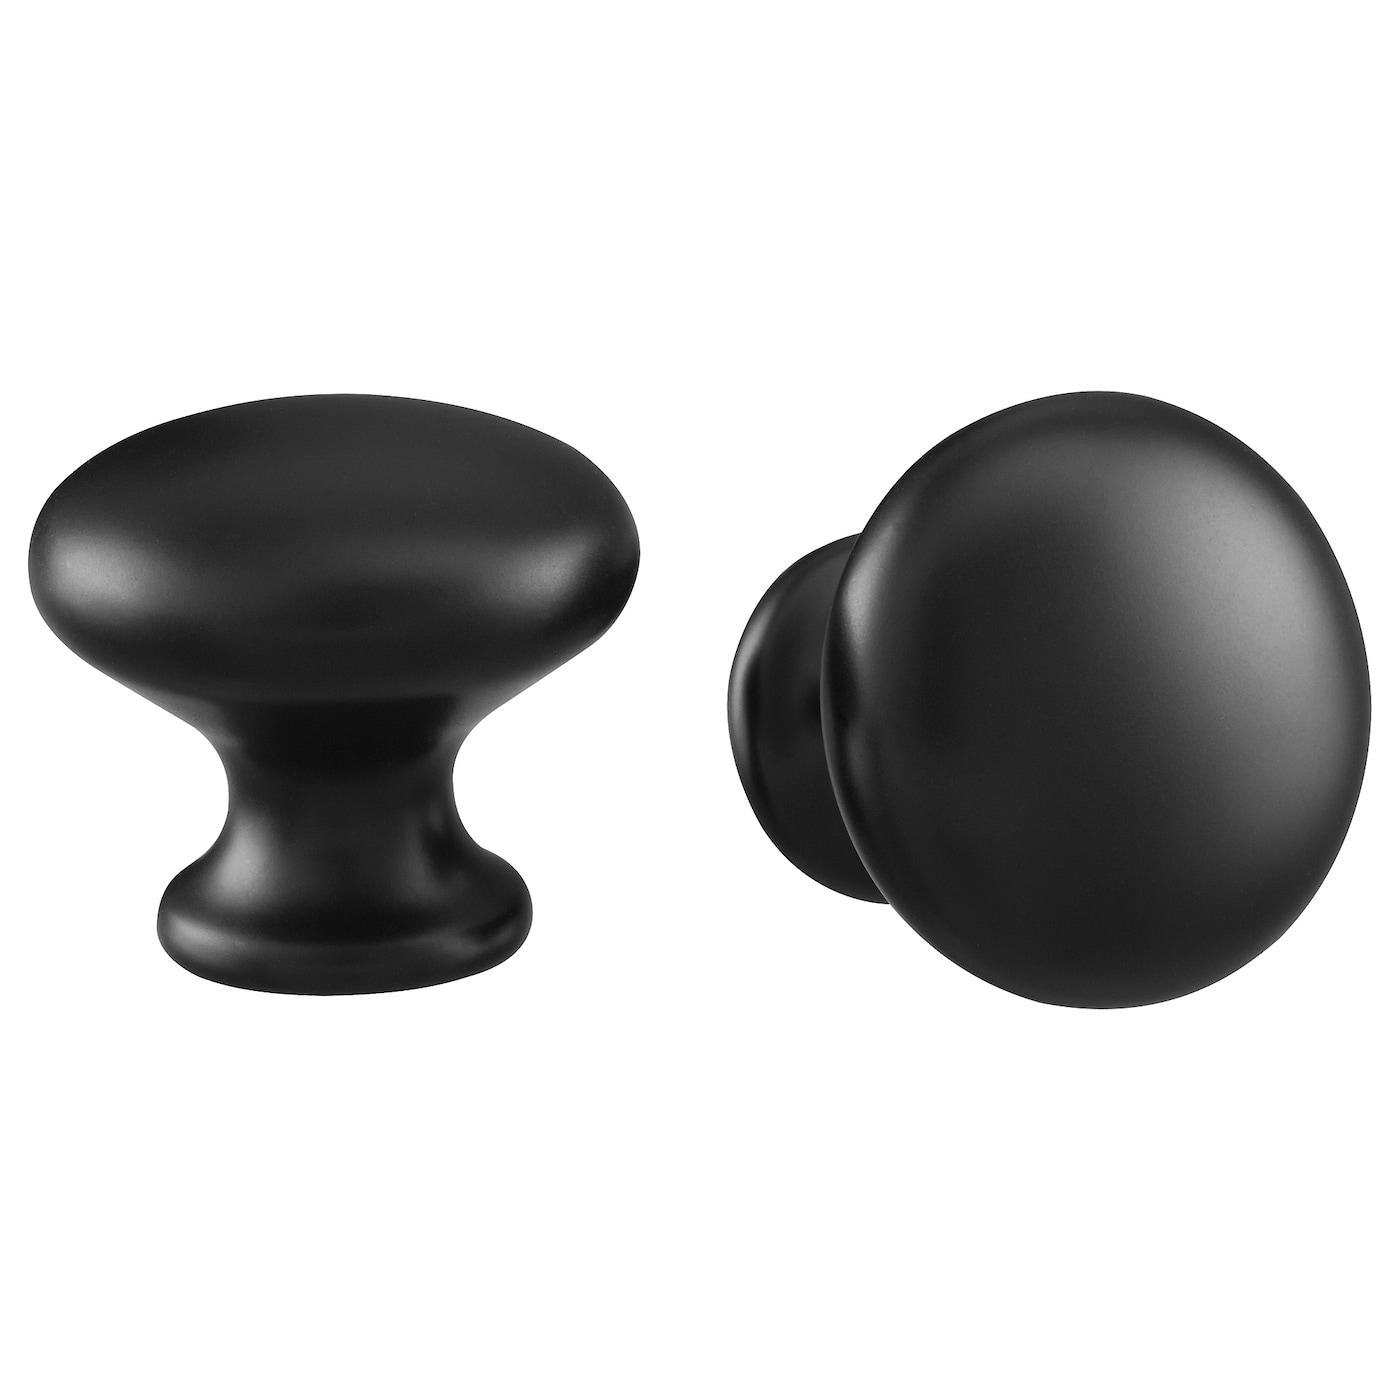 ENERYDA Knob - black - IKEA